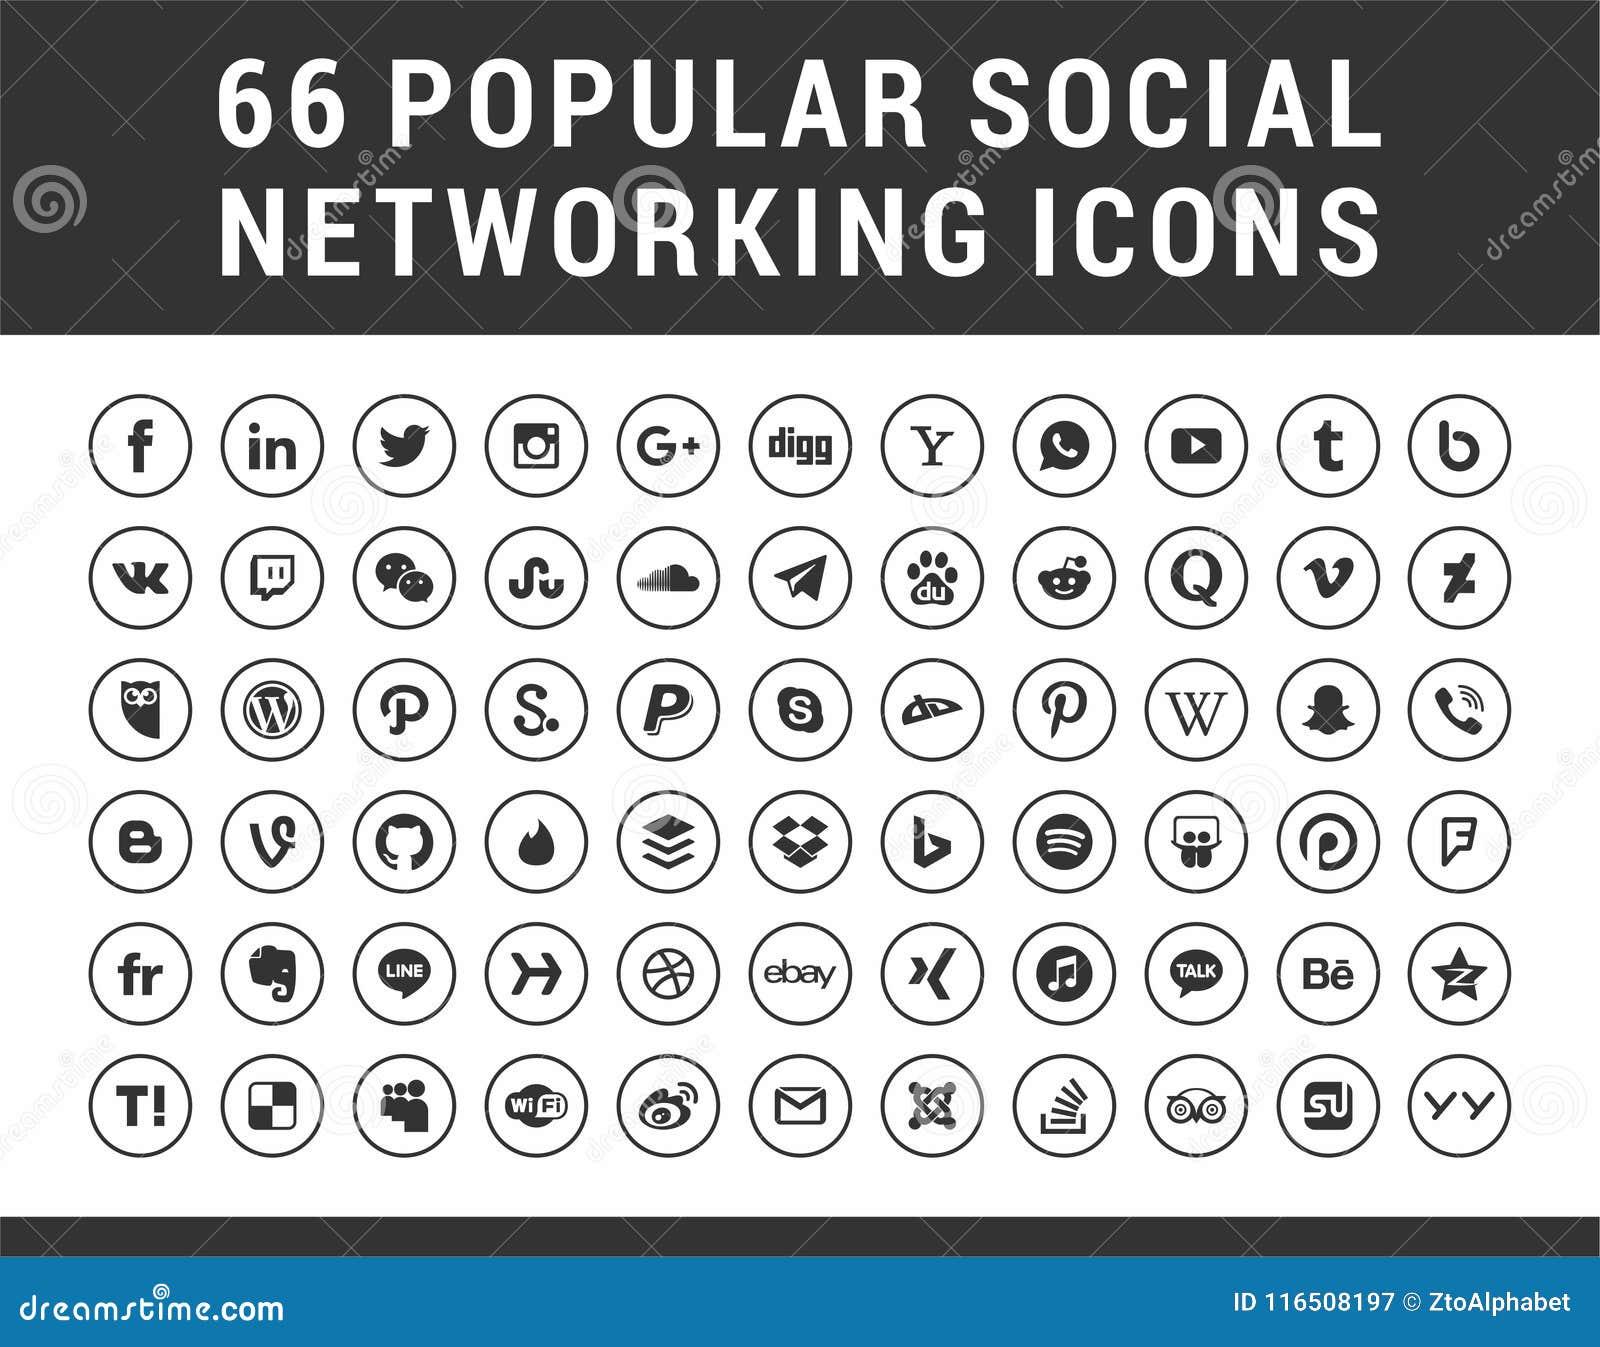 66 medias sociaux populaires, icônes réglées de cercle de mise en réseau